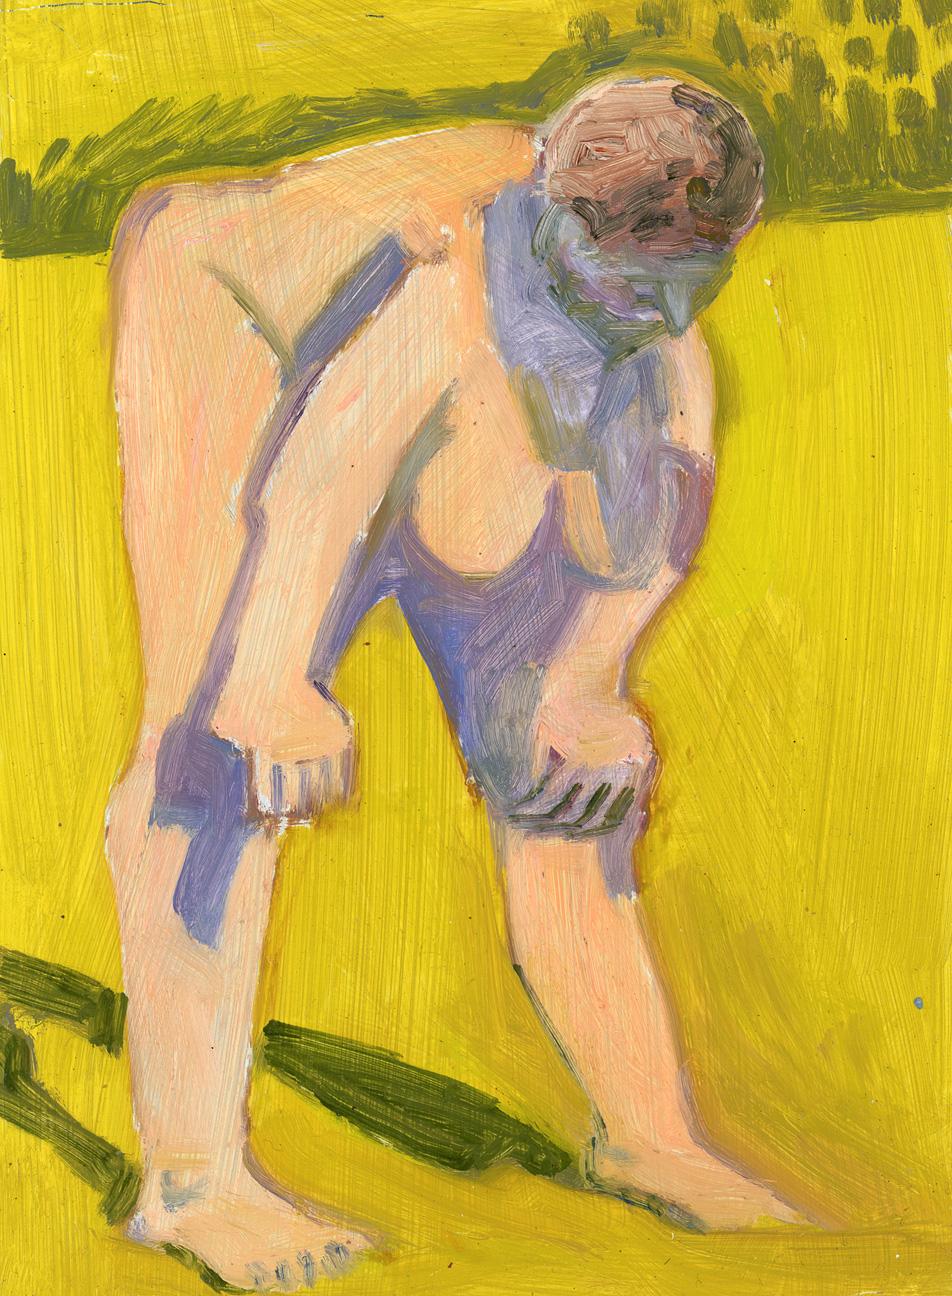 Standing Nude, Hands on Knees